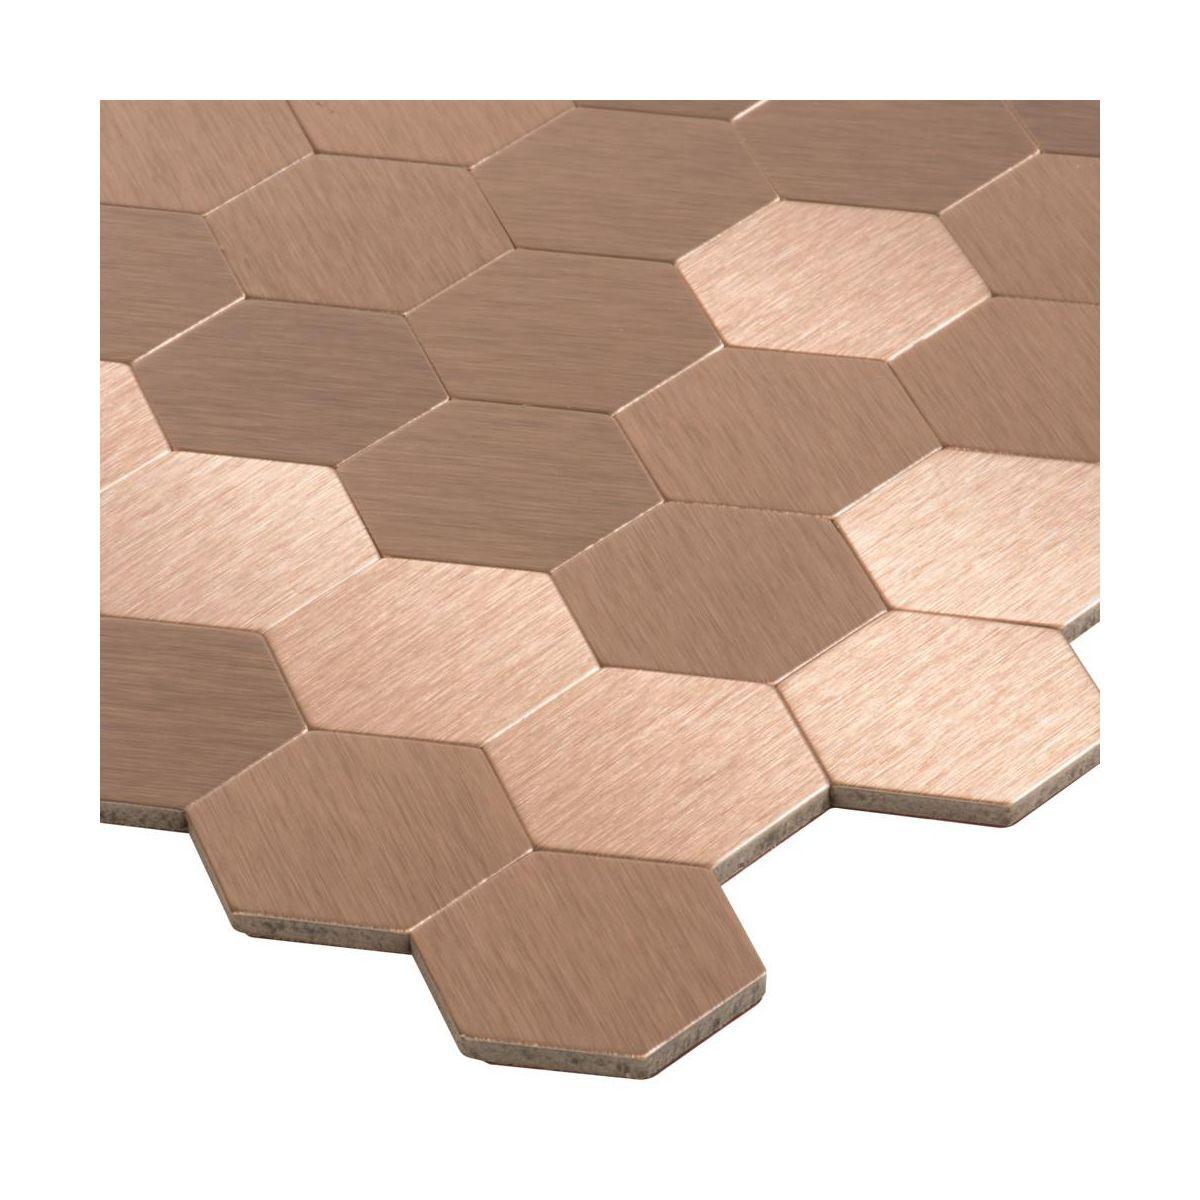 Mozaika Plast 29 2 X 28 8 Artens Mozaiki W Atrakcyjnej Cenie W Sklepach Leroy Merlin Home Decor Rugs Decor